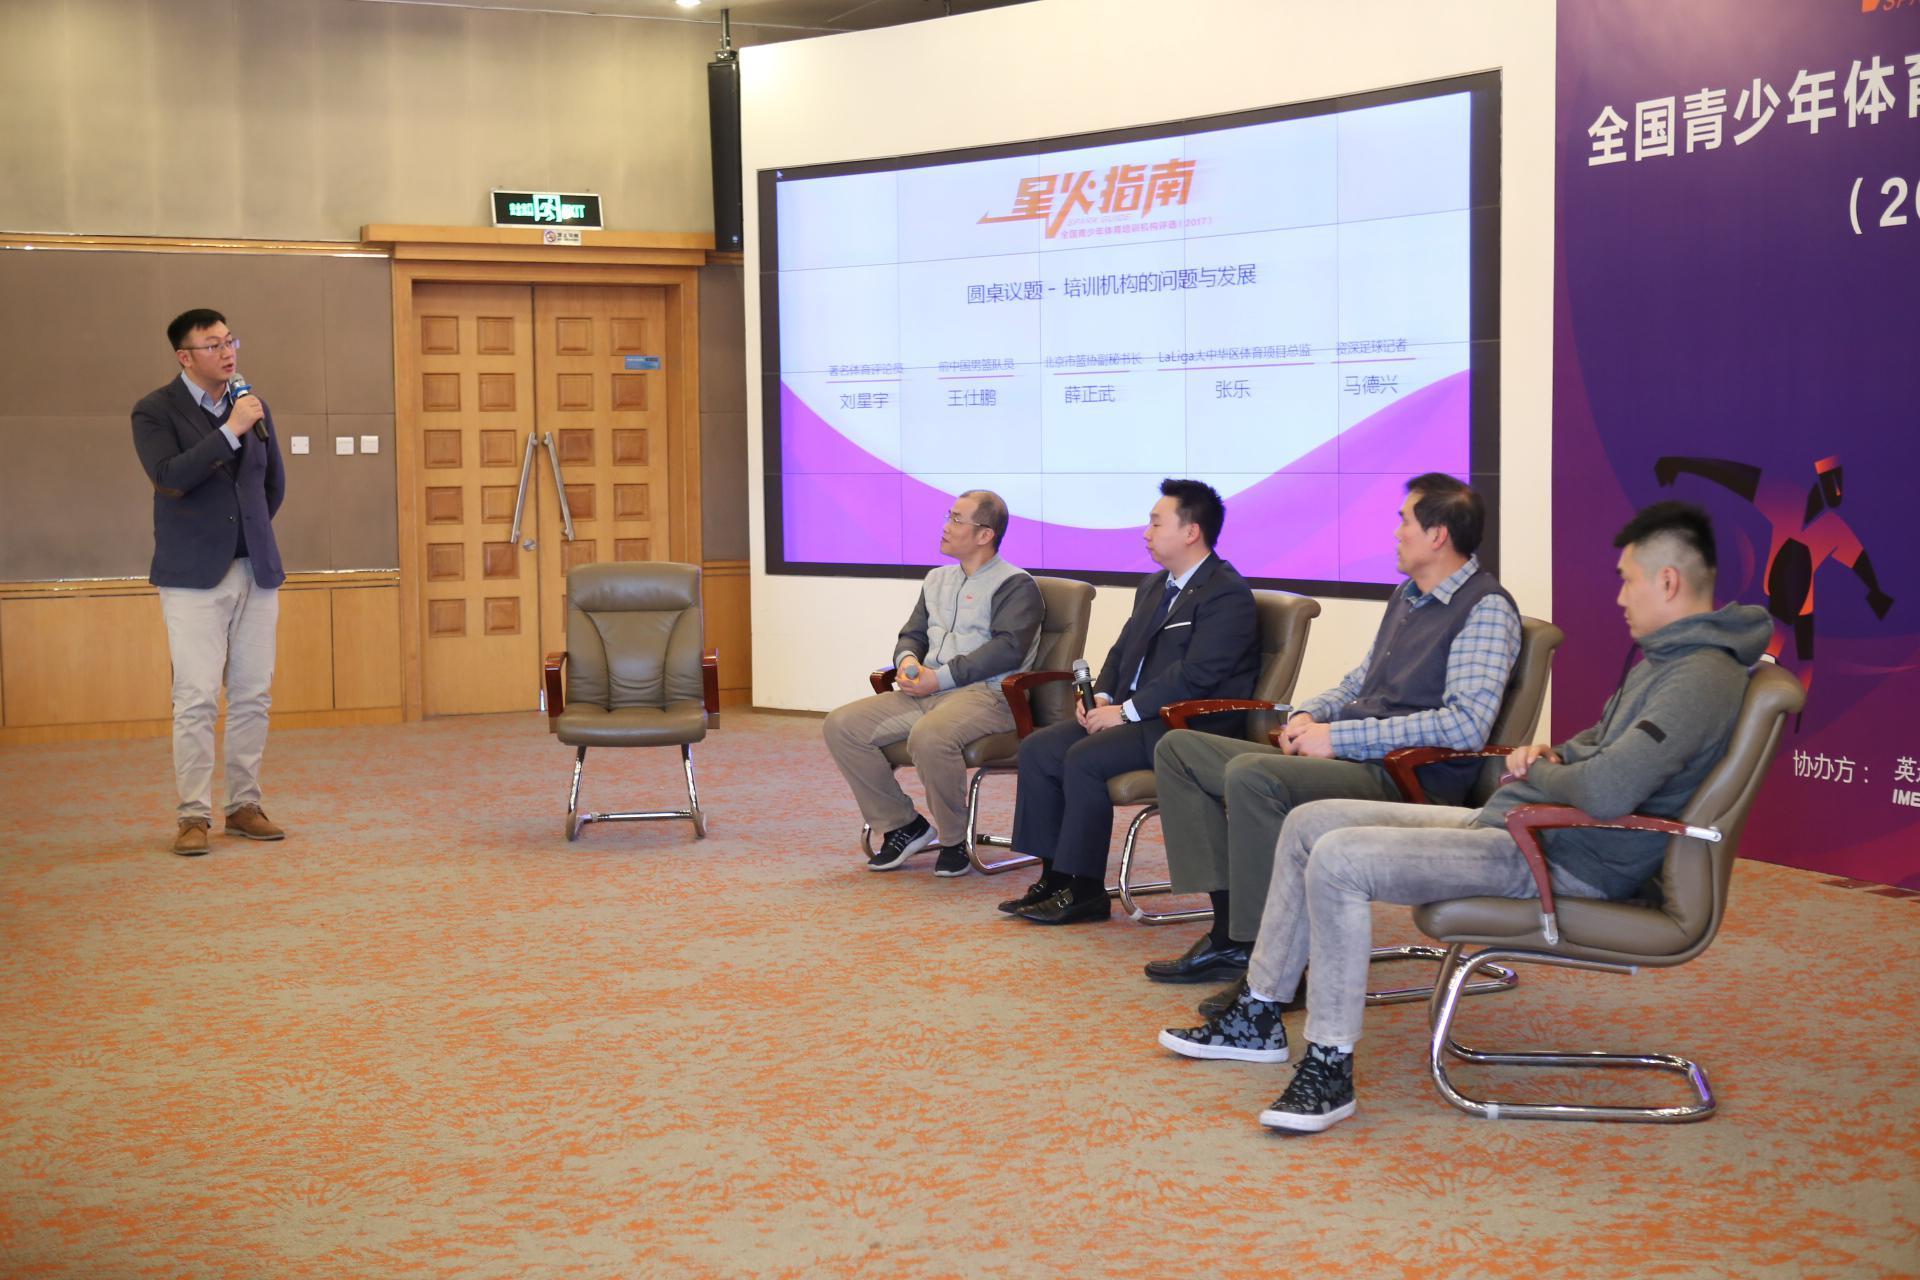 马德兴:中西部青训行业需扶持 平衡地区间发展